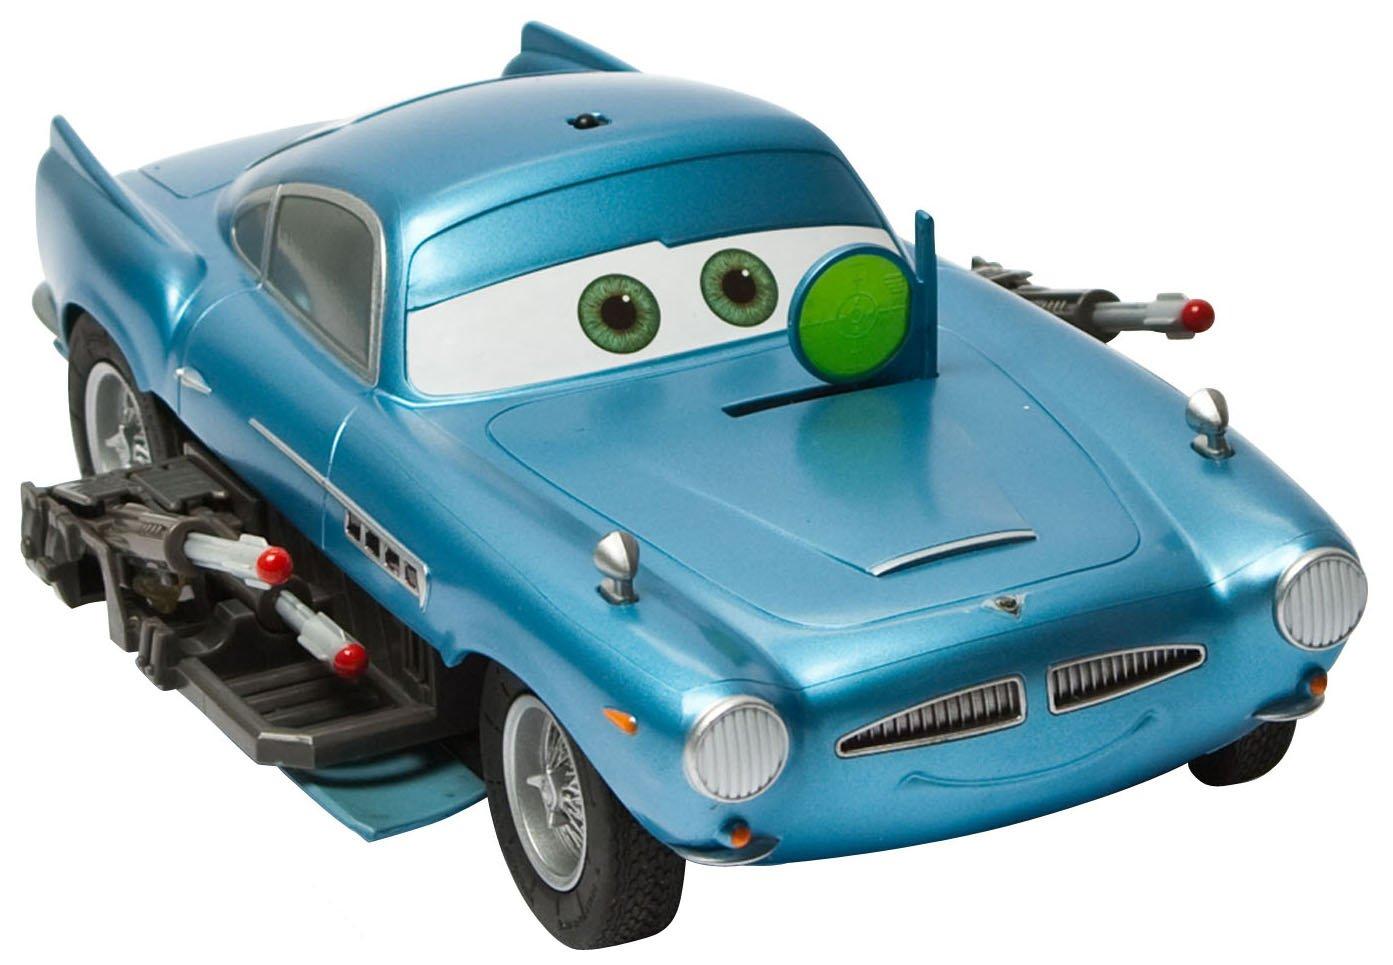 Air Hogs Cars 2 - Missile Firing Finn McMissile